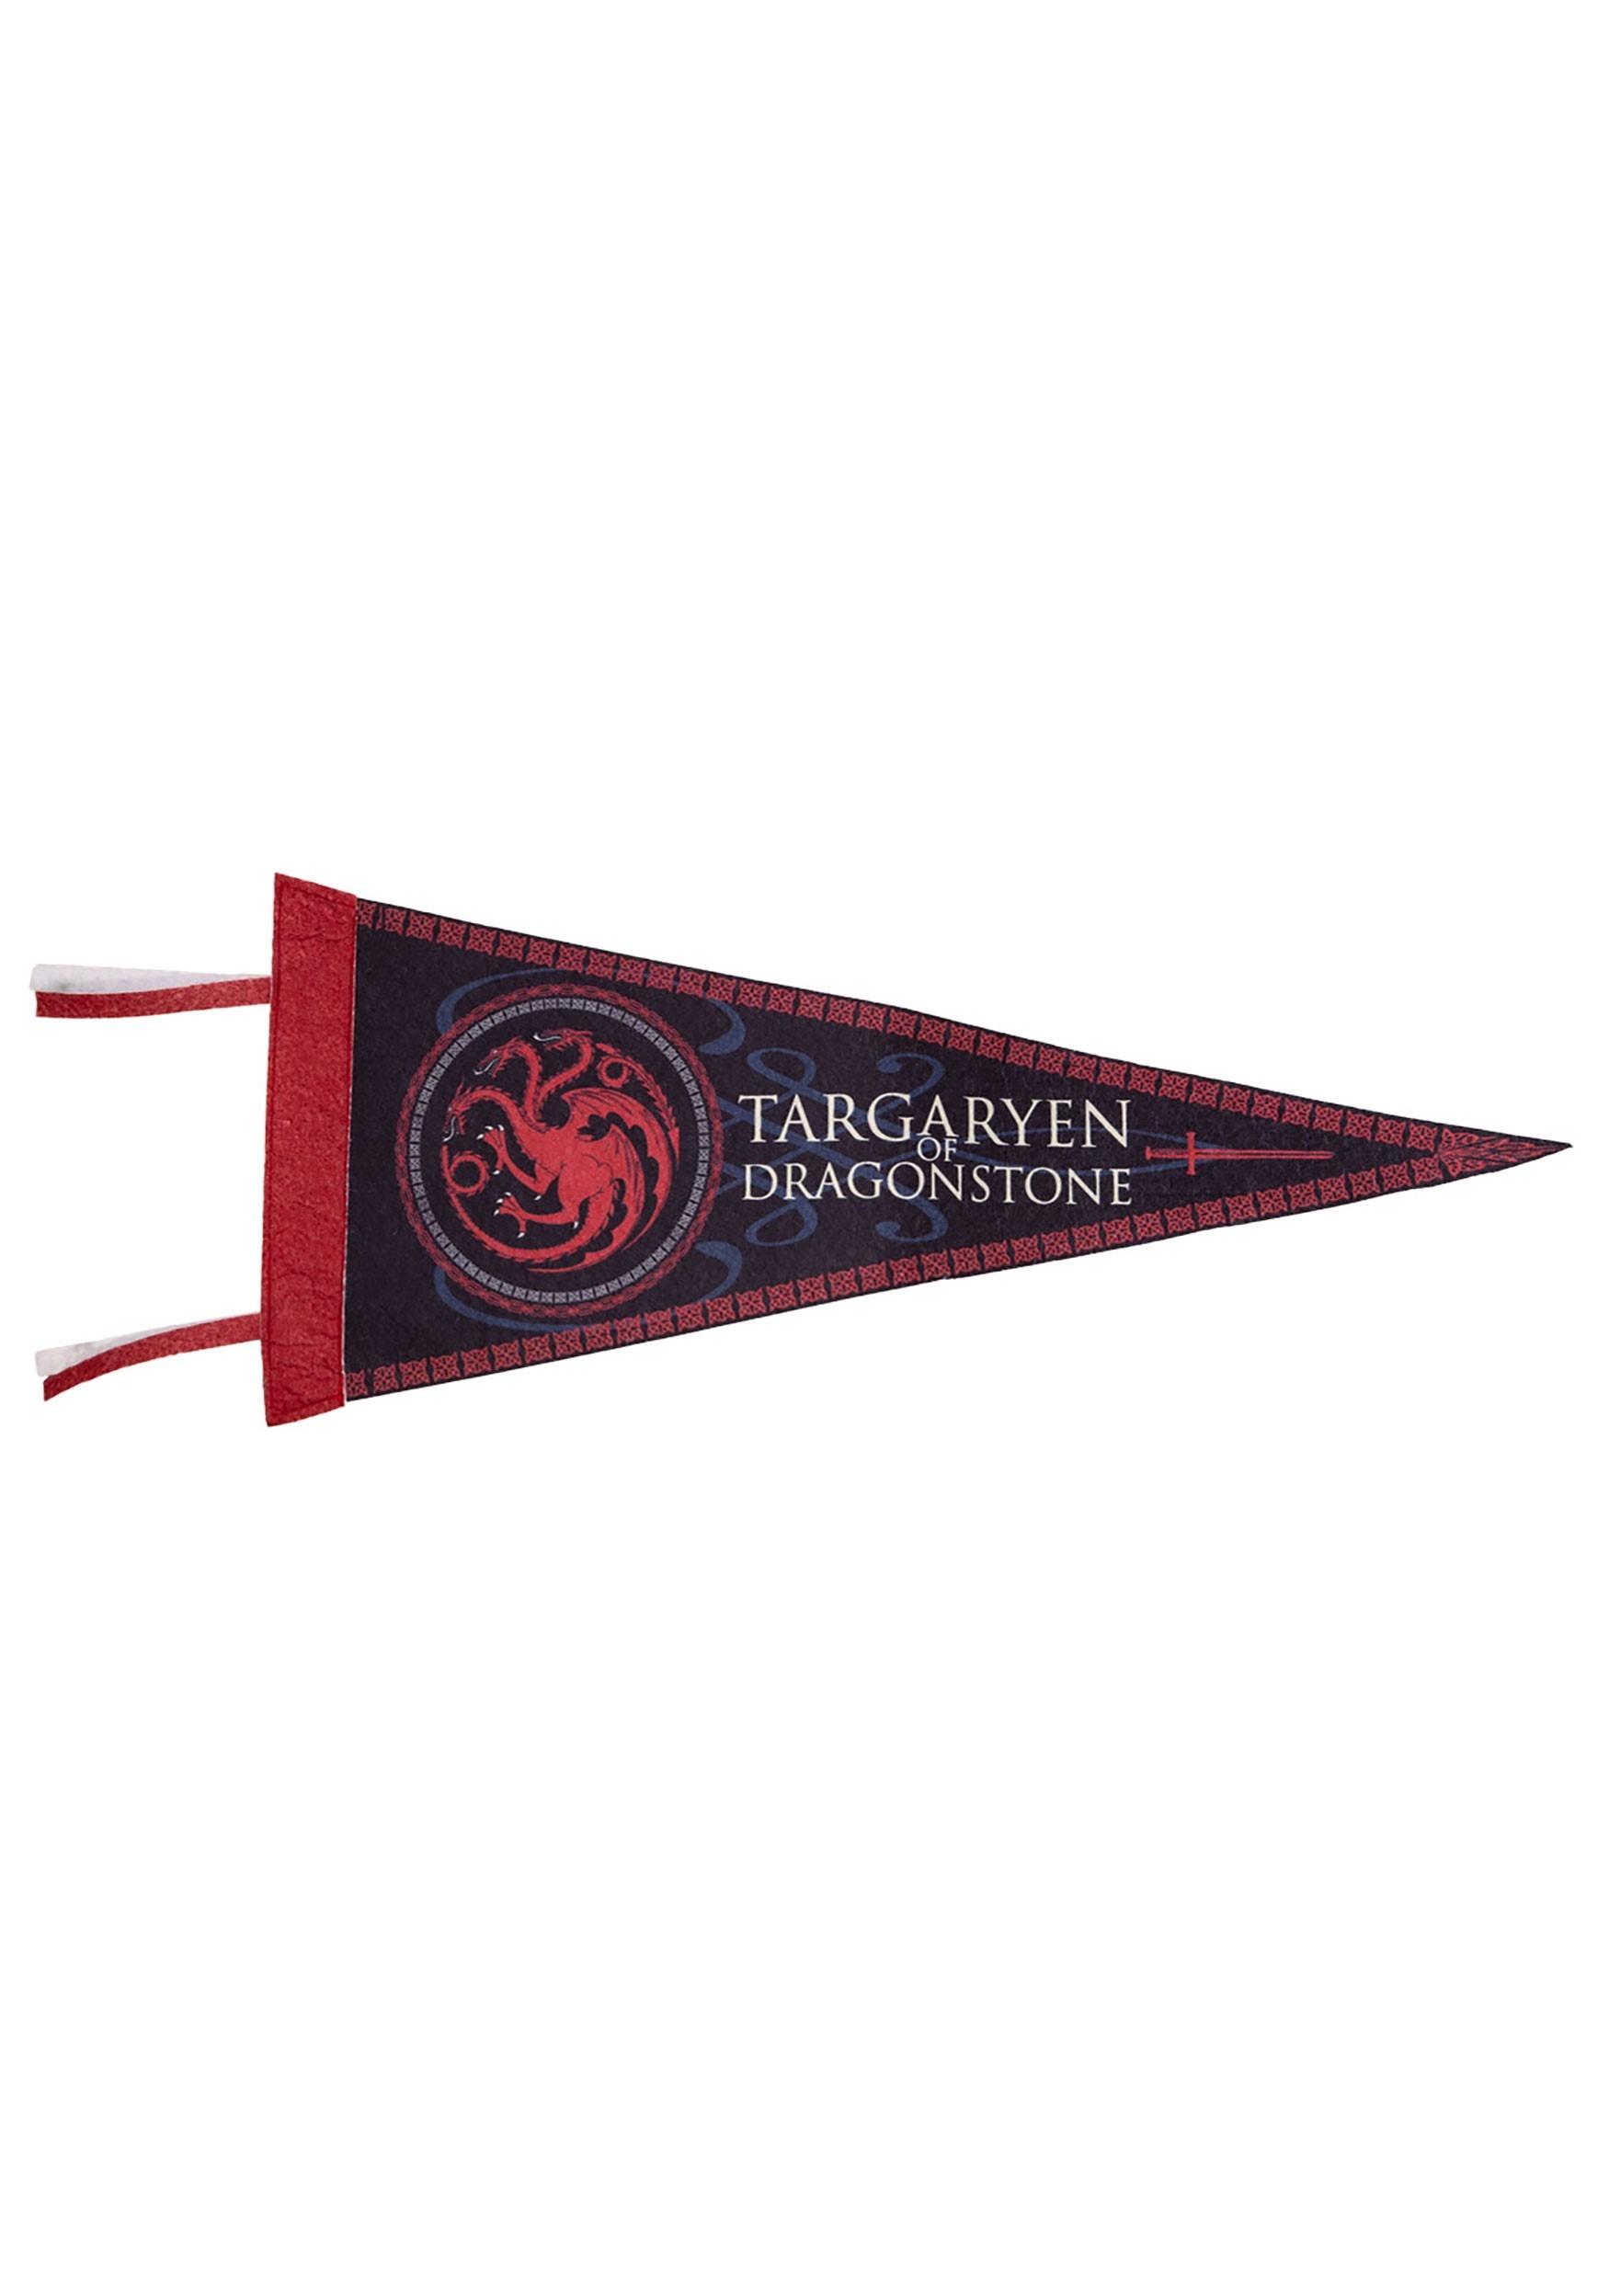 Targaryen of Dragonstone Felt Pennant From Game of Thrones